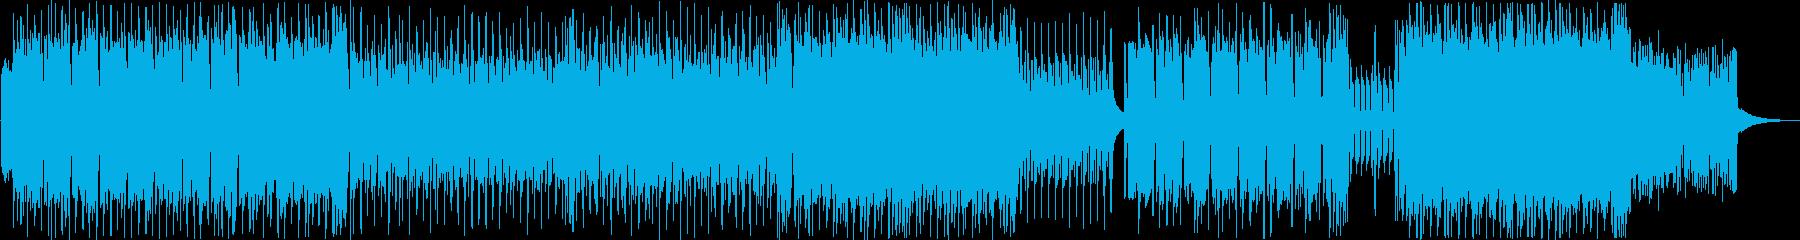 ロック調の曲で、テンポアップの再生済みの波形